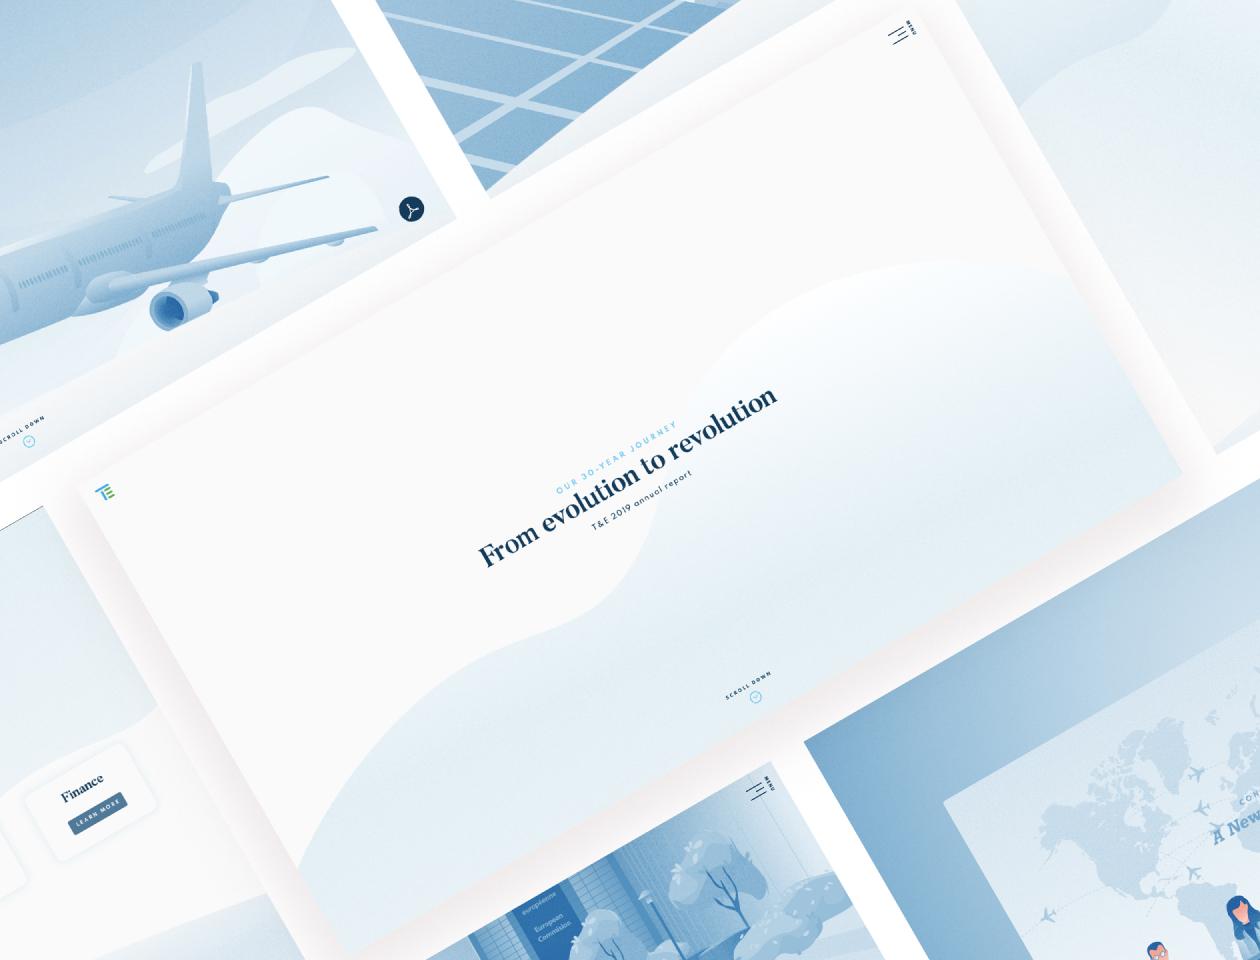 T&E annual report 2019